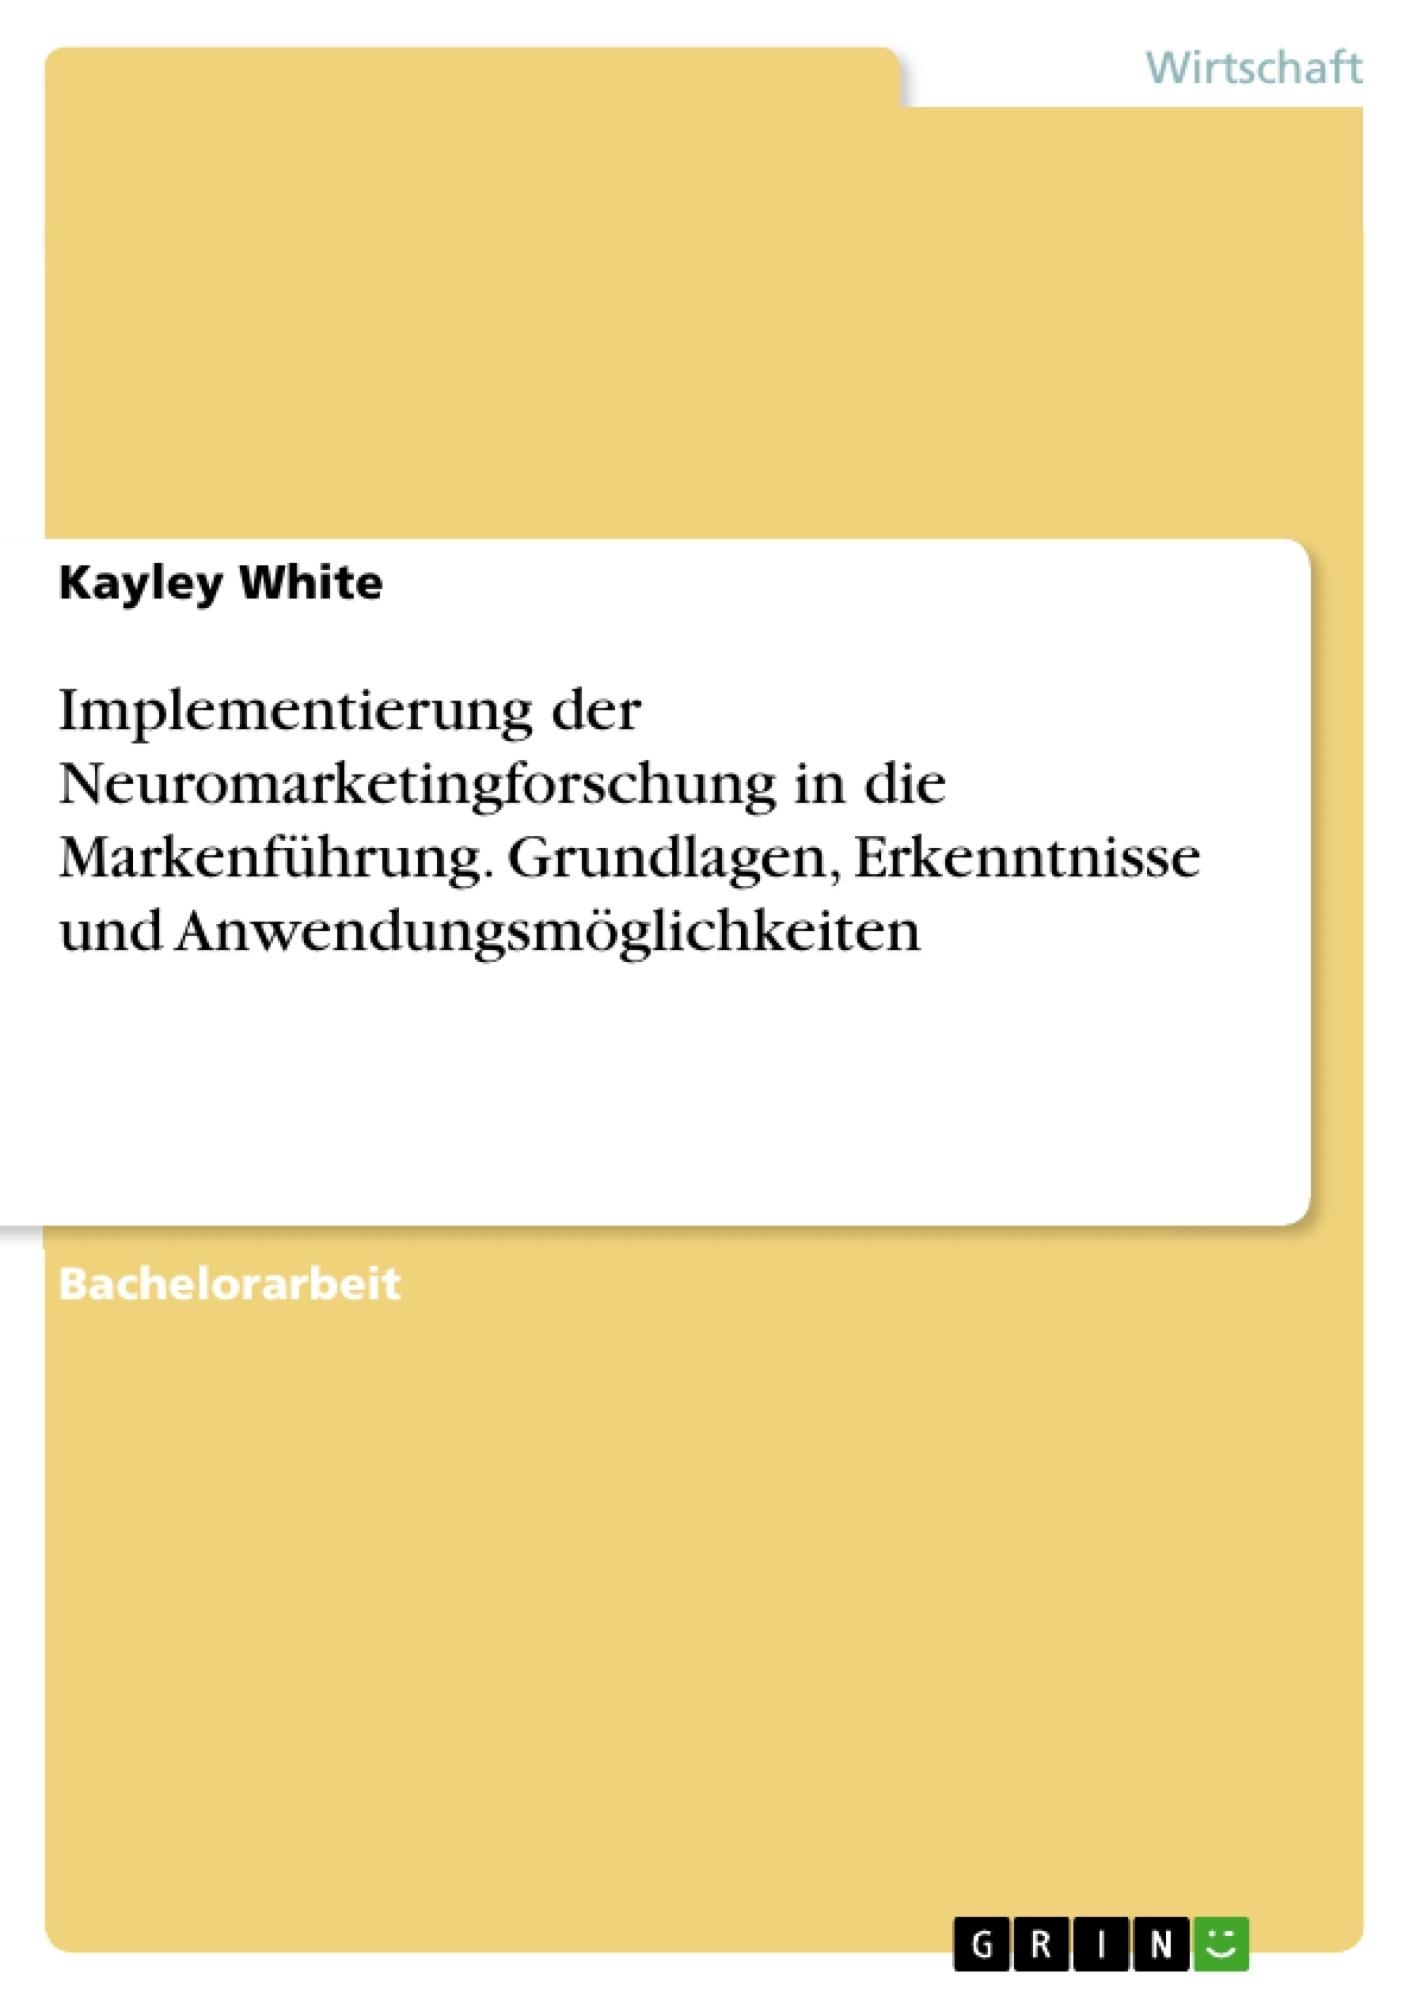 Titel: Implementierung der Neuromarketingforschung in die Markenführung. Grundlagen, Erkenntnisse und Anwendungsmöglichkeiten